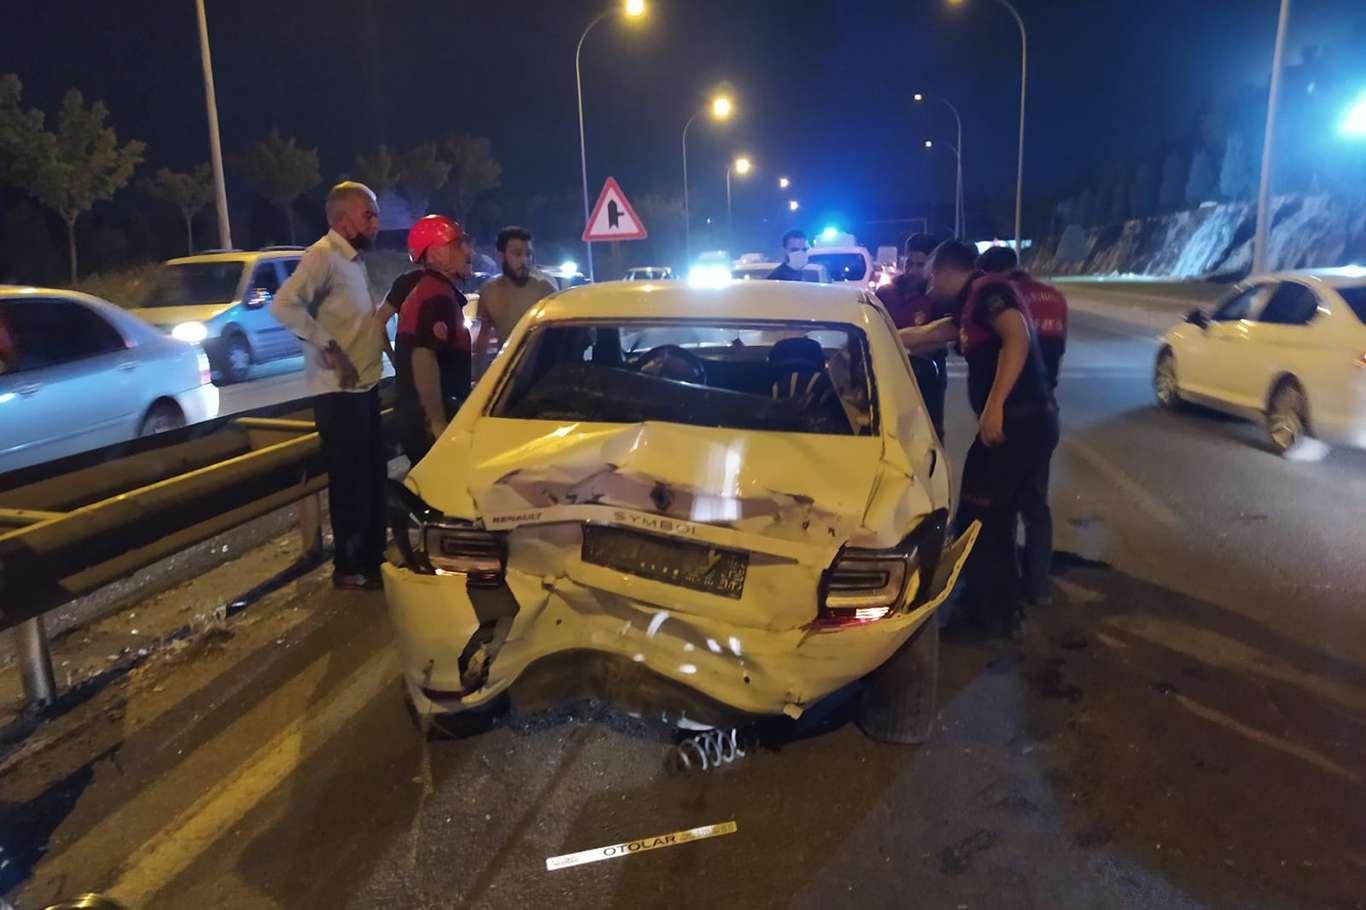 Şanlıurfada 5 aracın karıştığı zincirleme kazada 2 kişi yaralandı